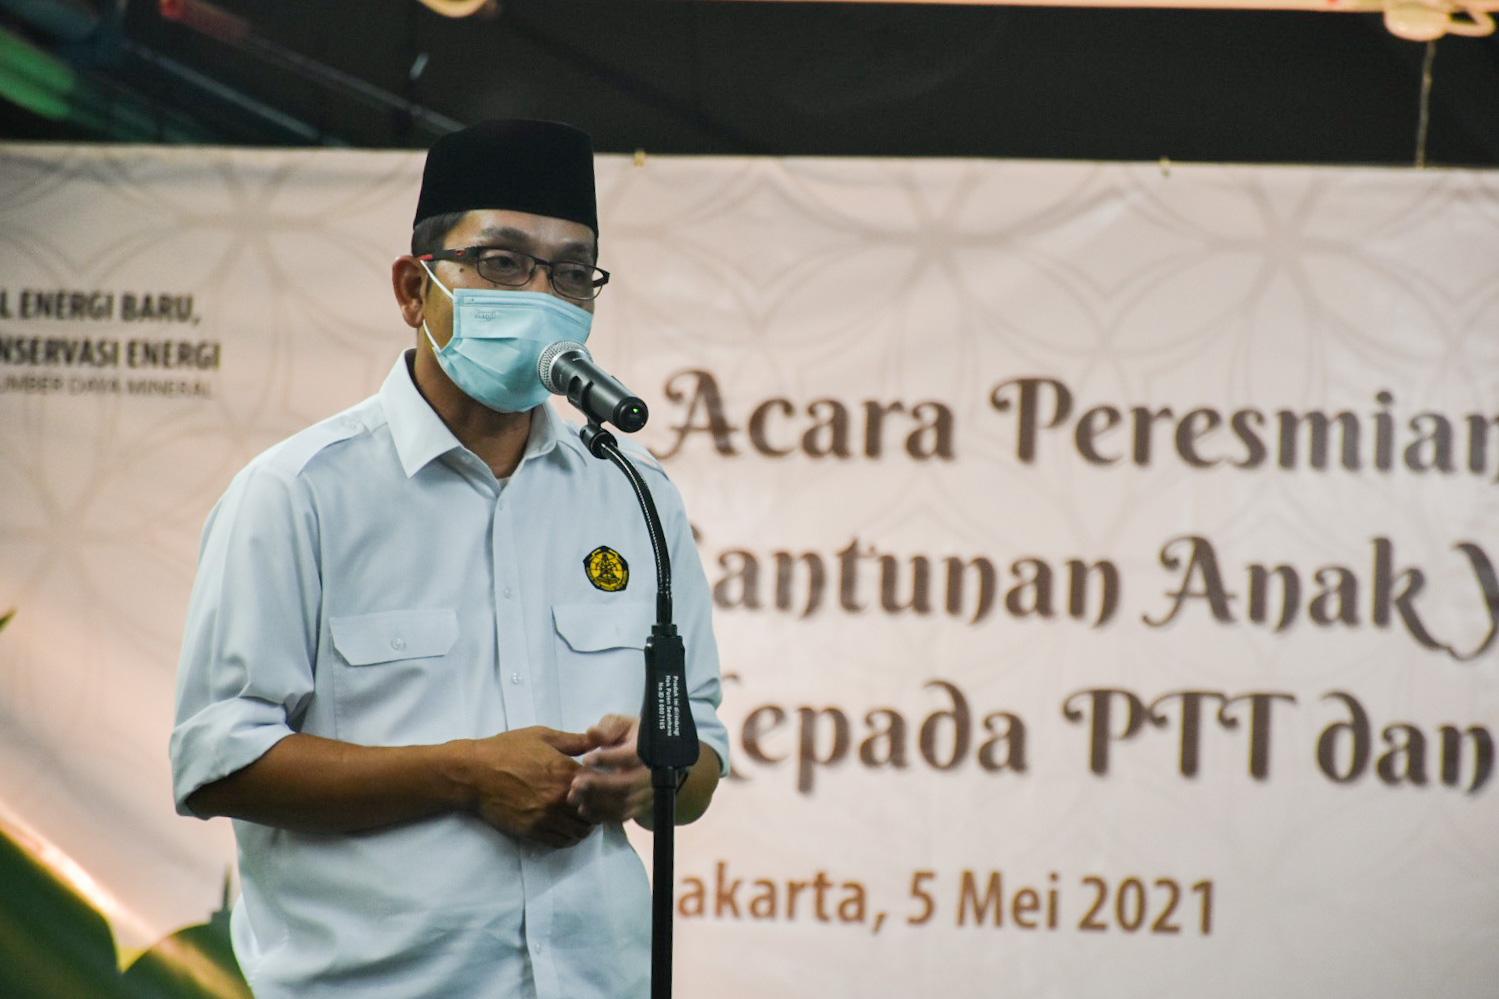 Dirjen EBTKE, Dadan Kusdiana memberikan sambutan pada acara Peresmian Masjid At Taawwab di Lingkungan Ditjen EBTKE, Jakarta (05/05/2021) (NS)